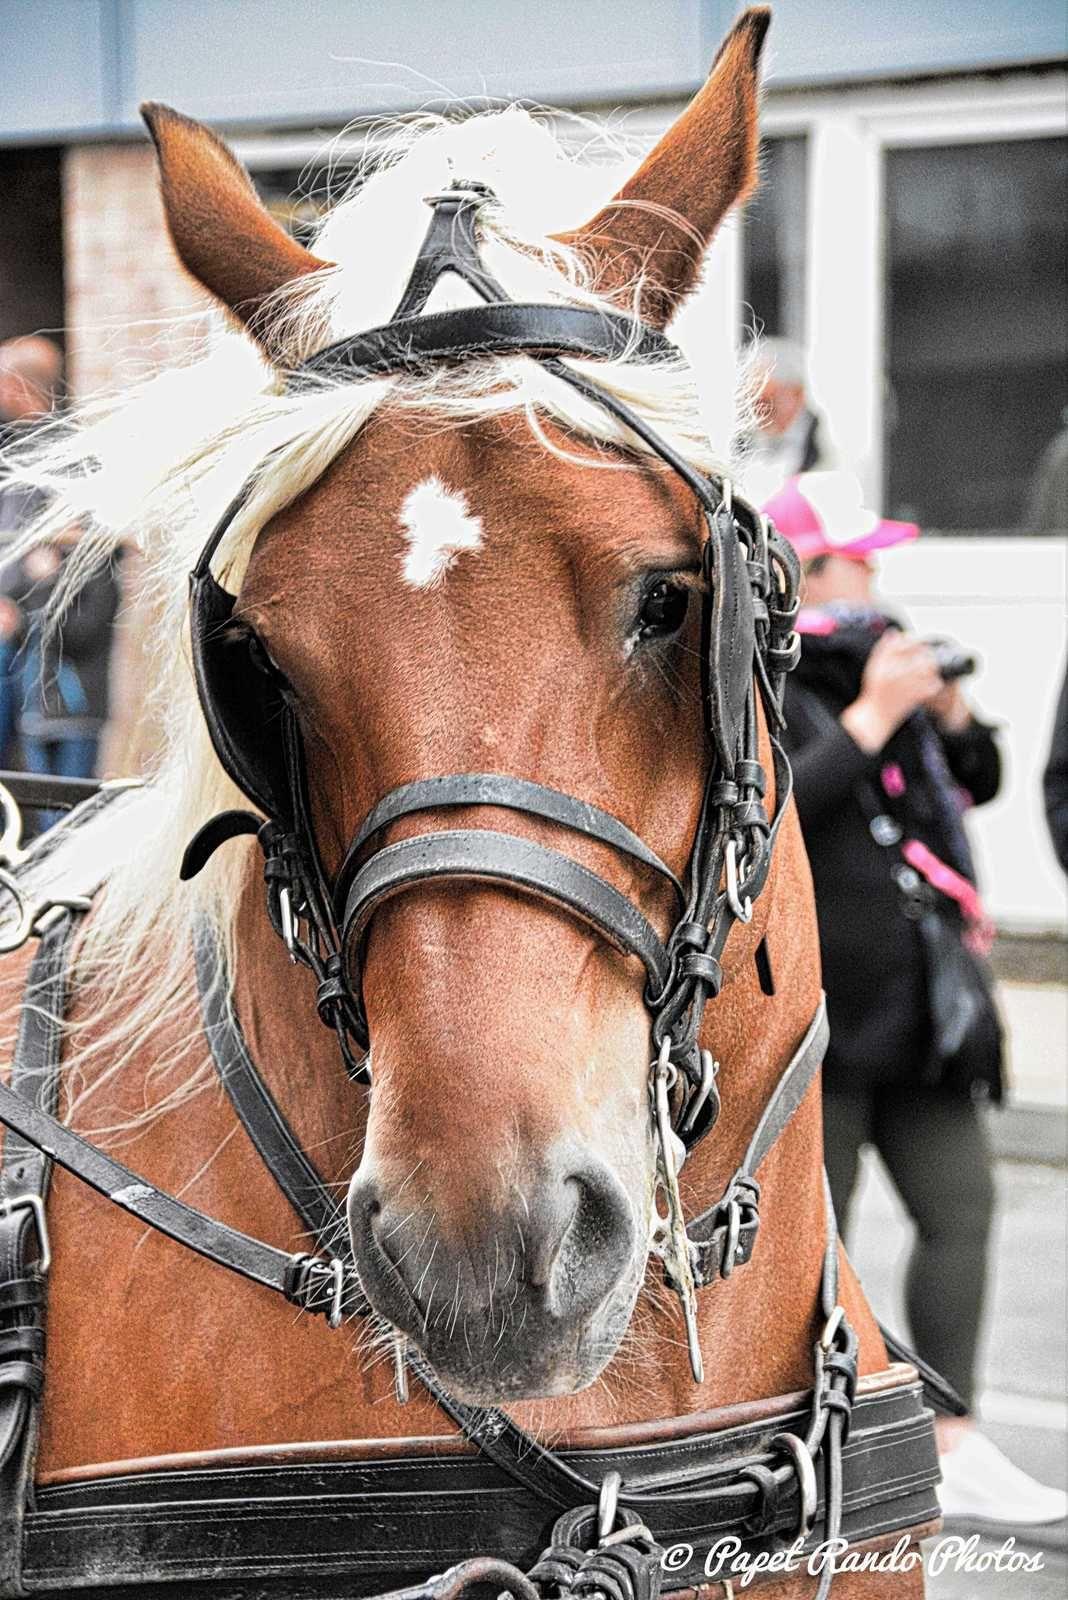 La 637e Marche de la Madeleine  1700 participants, 49 societés, + de 100 chevaux etc quelque chose a voir au moins une fois dans sa vie (photo passage a Gosselies)  Partie N°1 par ordre de passage